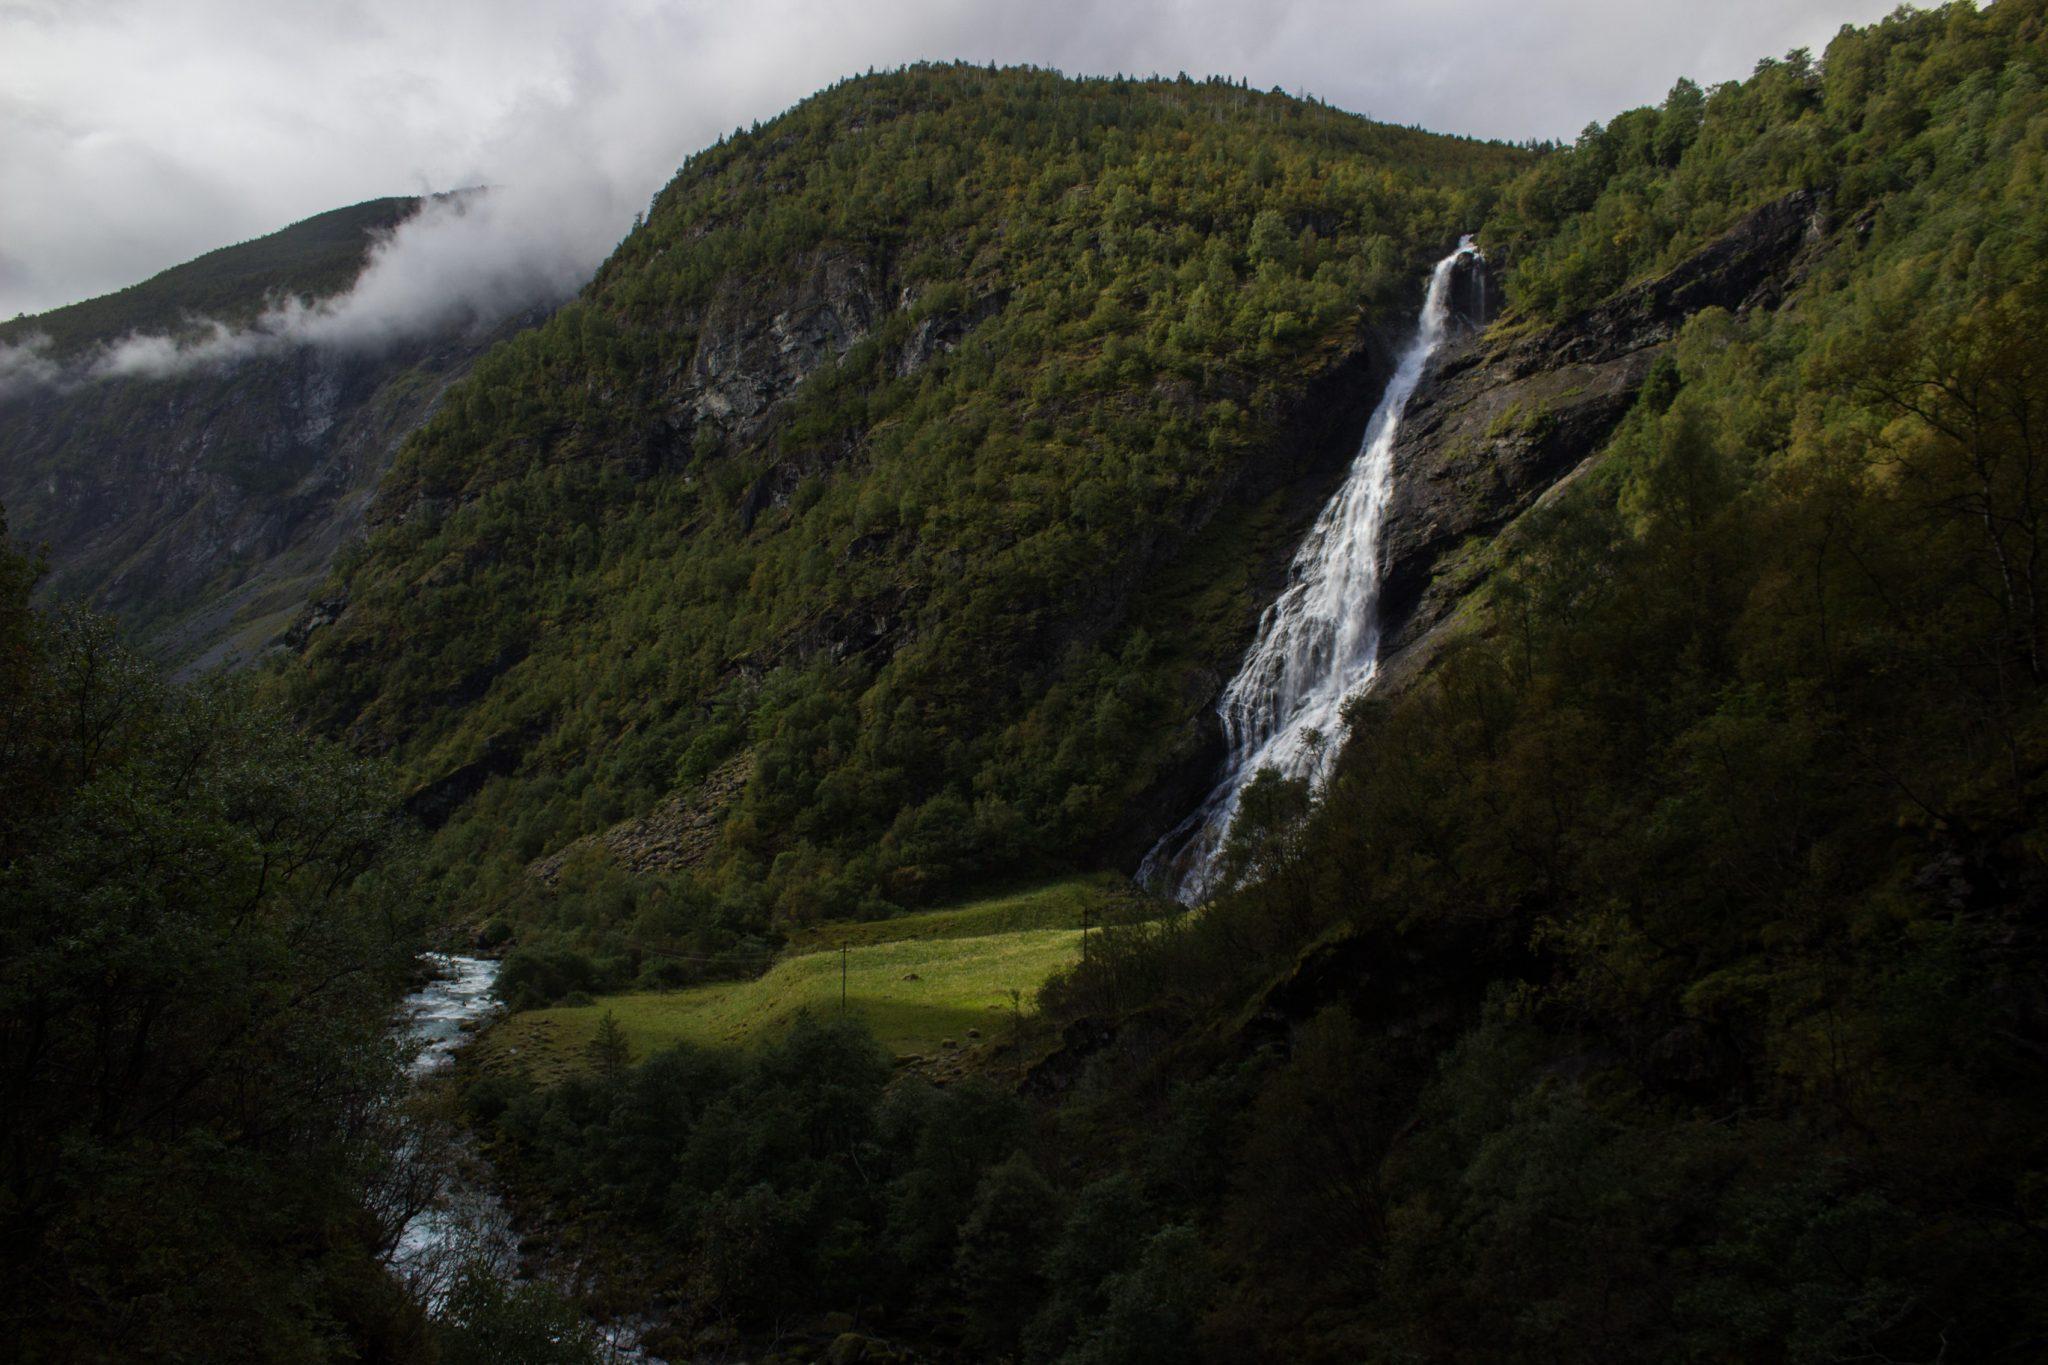 Wanderung zum Vettisfossen Wasserfall, höchster unregulierter Wasserfall in Norwegen, Blick von Brücke auf kleineren Wasserfall und sehr klares Wasser im Fluß und schönen Wald umringt von Bergen